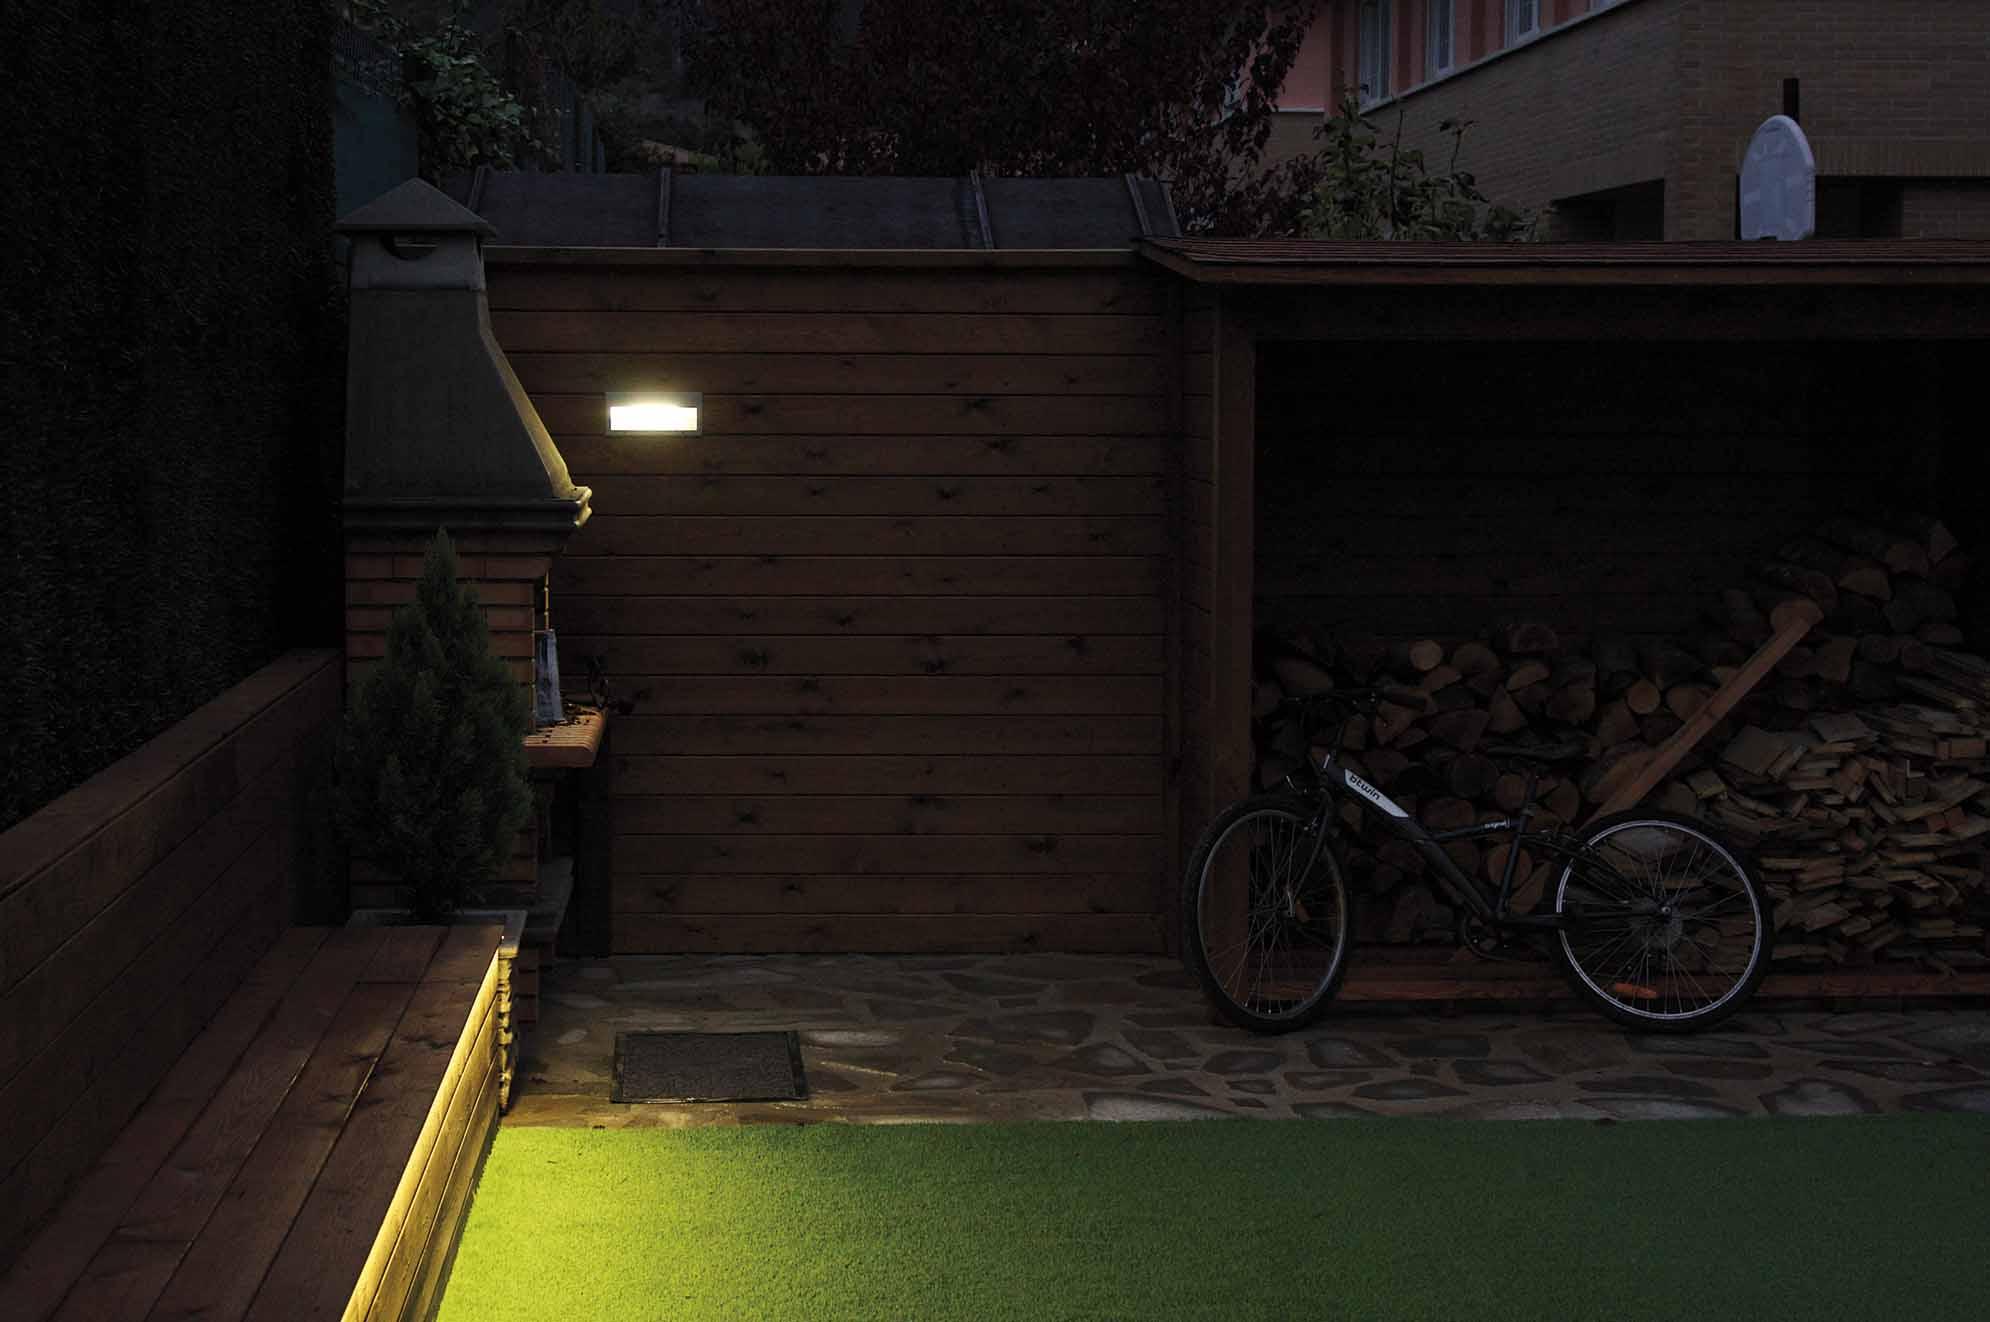 proyectos-iluminacion-jardin-12